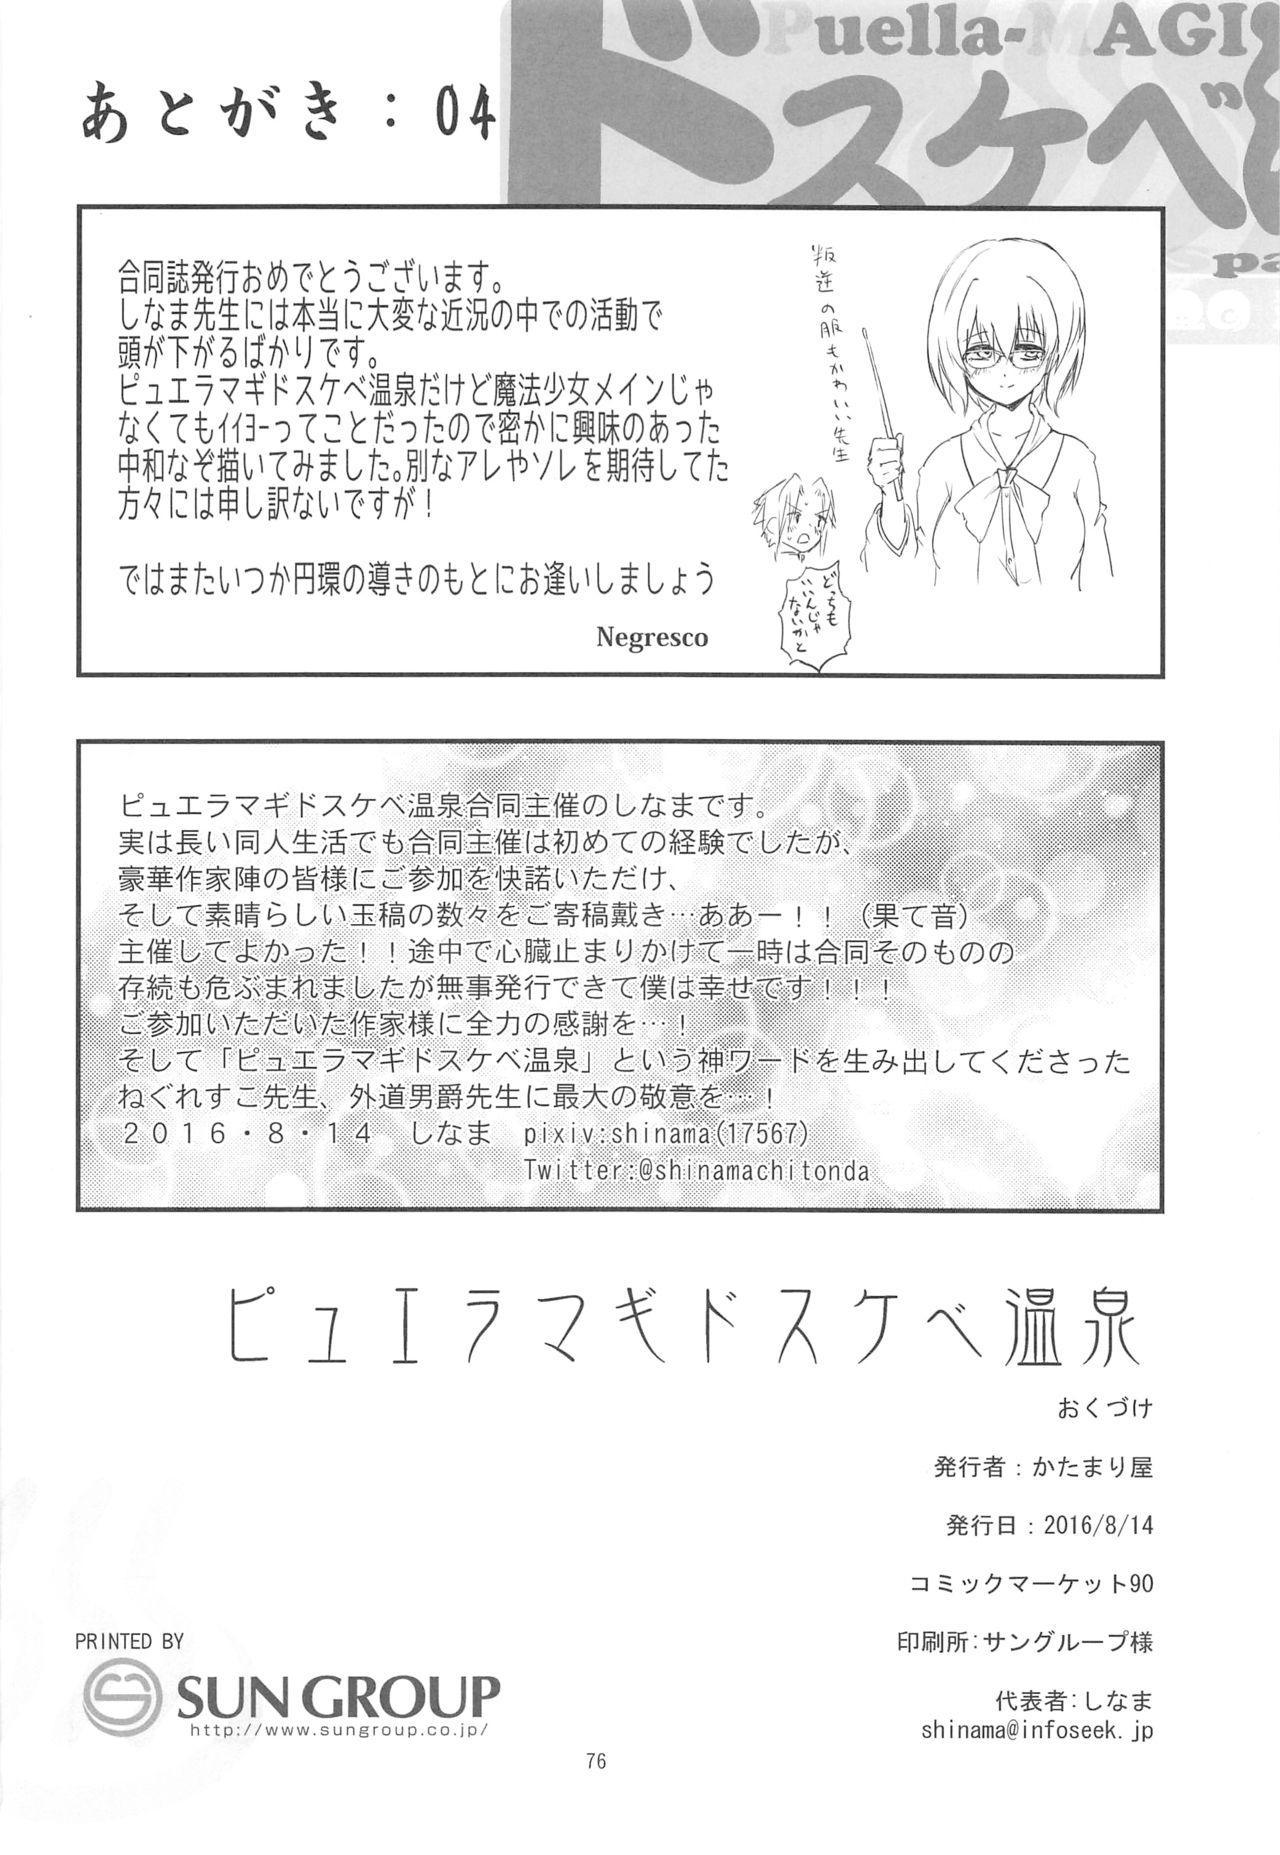 MadoHomu no Yu Puella Magi Dosukebe Onsen 74